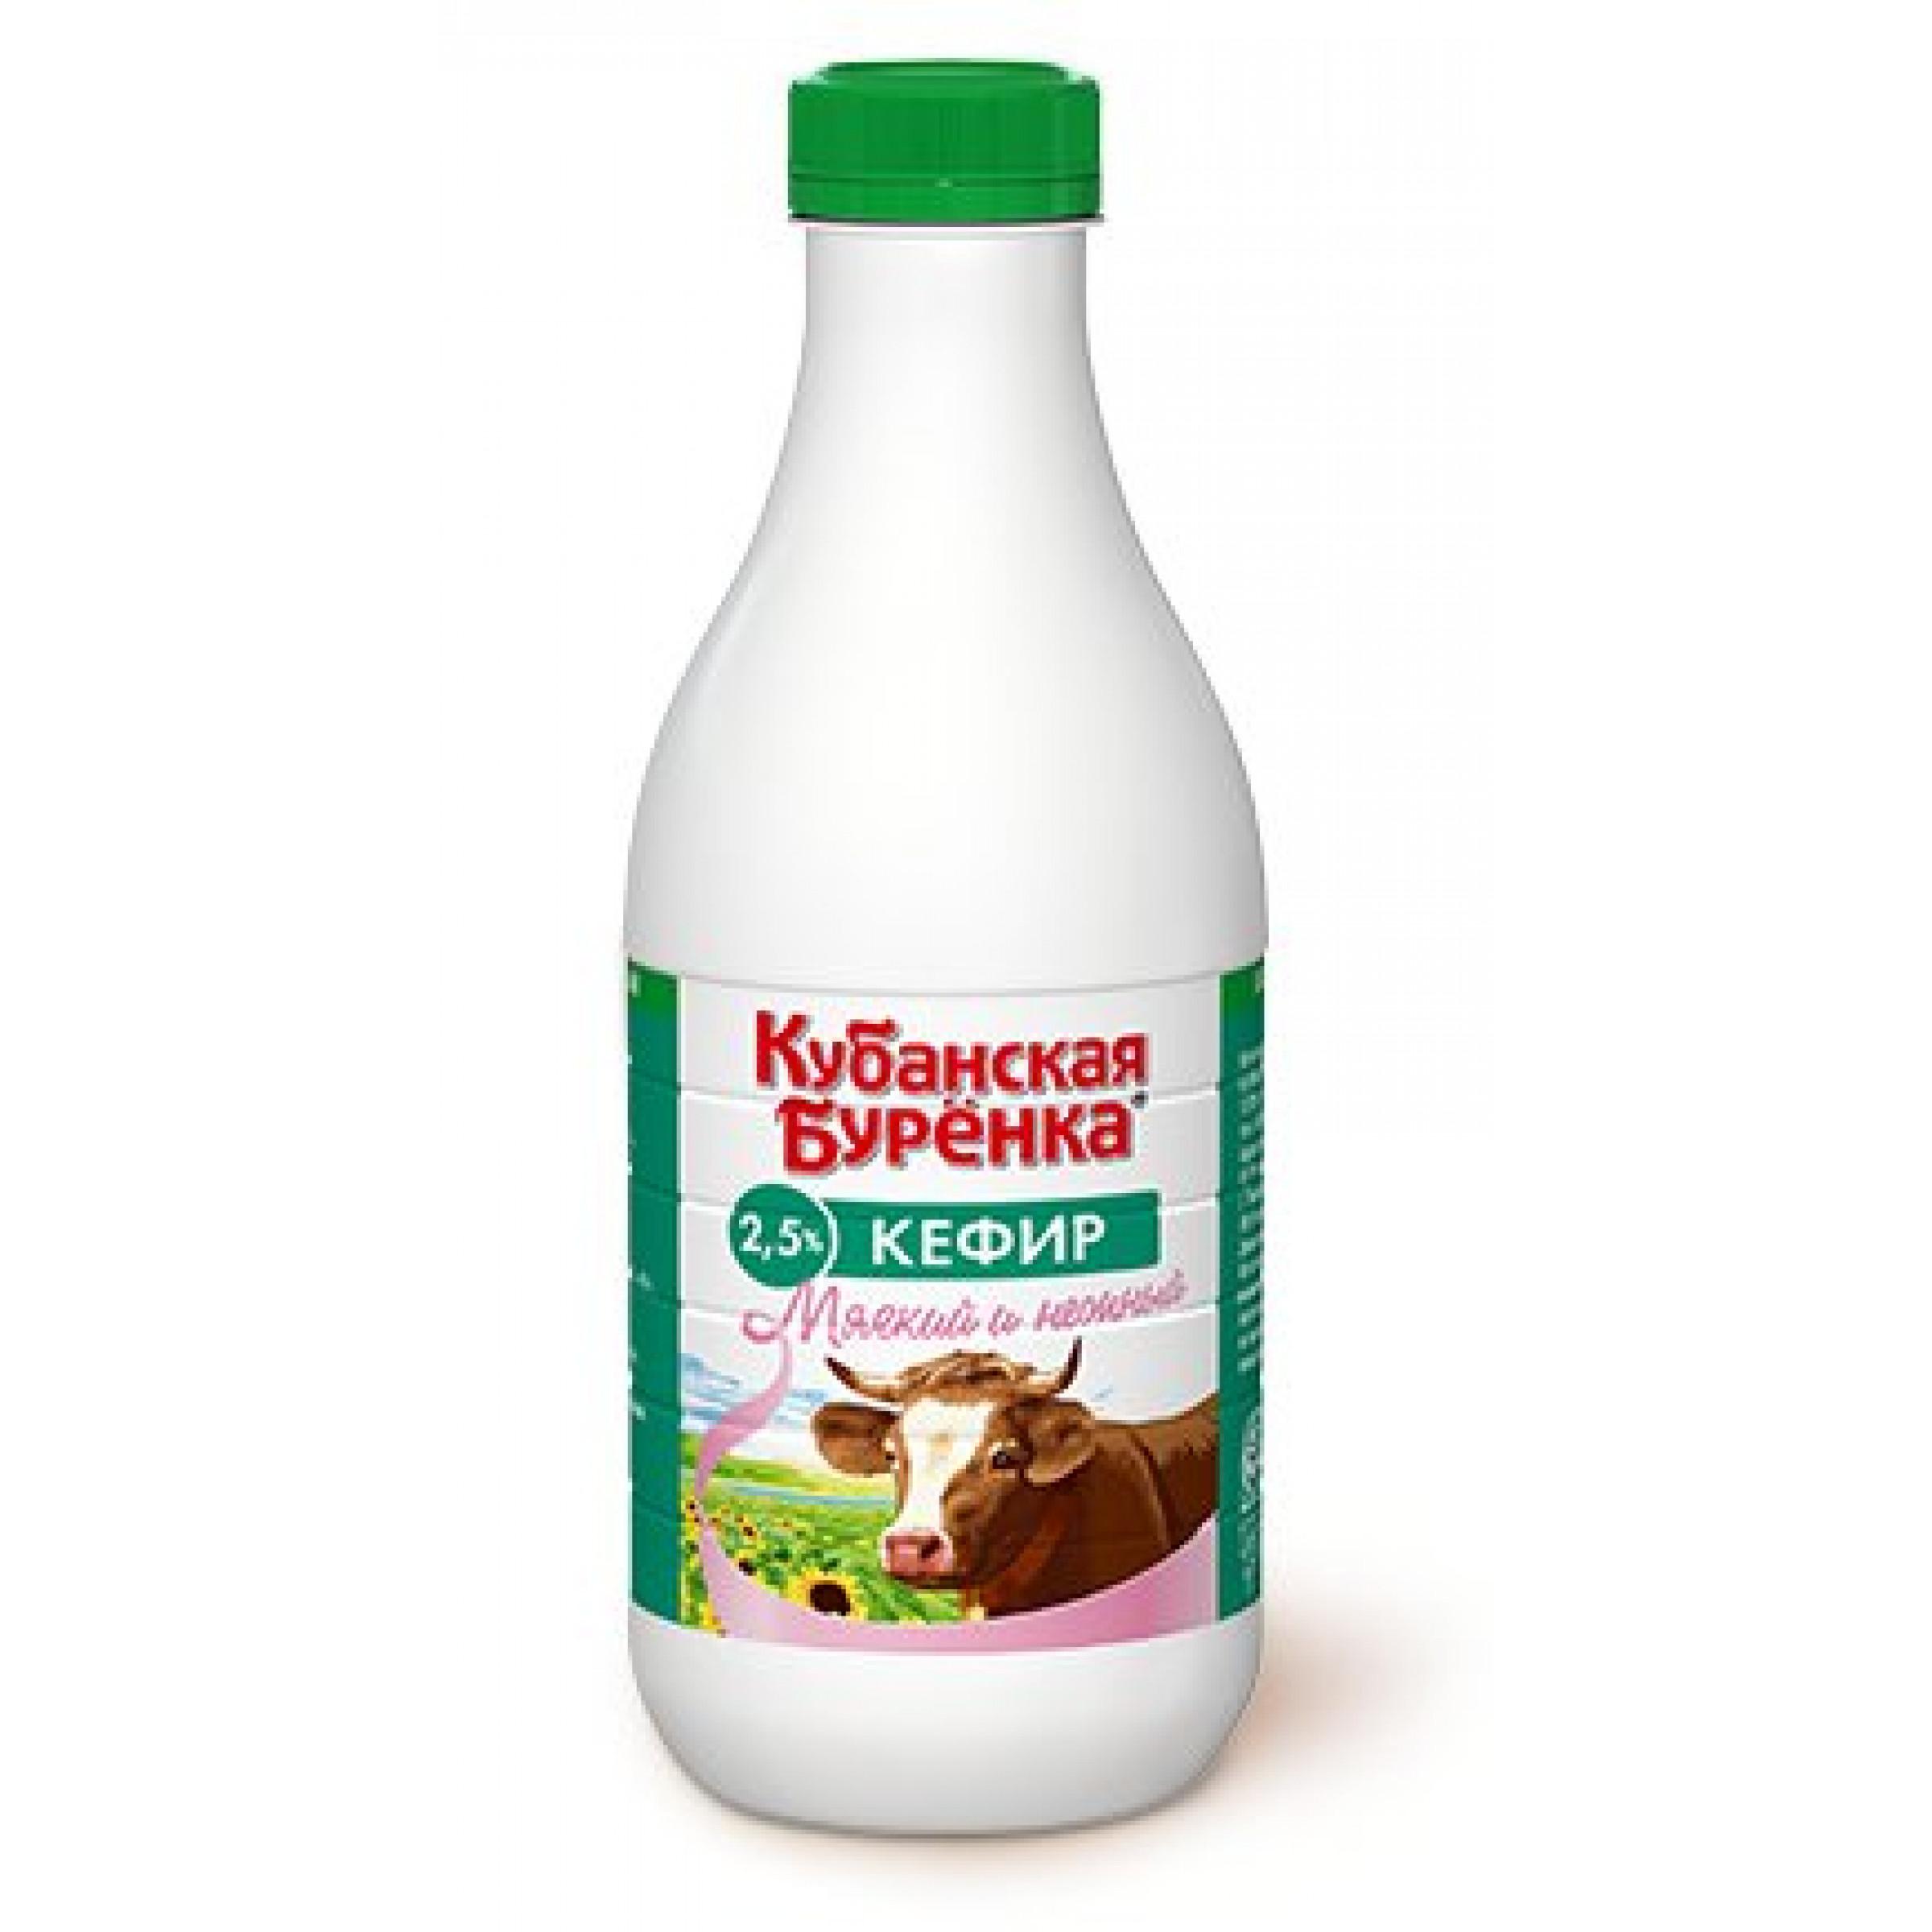 """Кефир 2,5% """"Кубанская буренка"""", 950мл."""